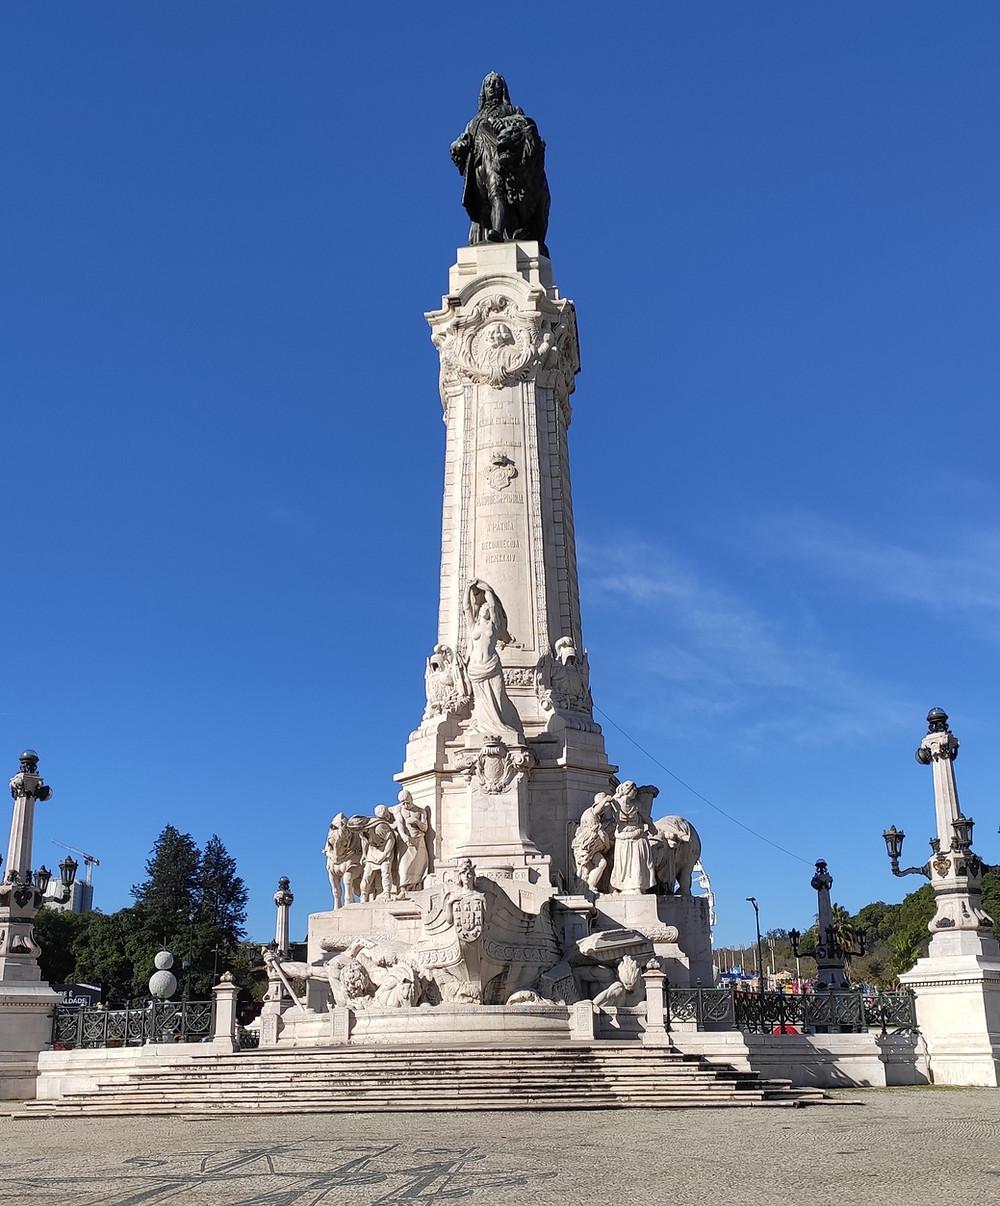 Praça Marques de Pombal, no centro há um monumento em homenagem a  Sebastião José de Carvalho e Melo, conhecido como Marques de Pombal.